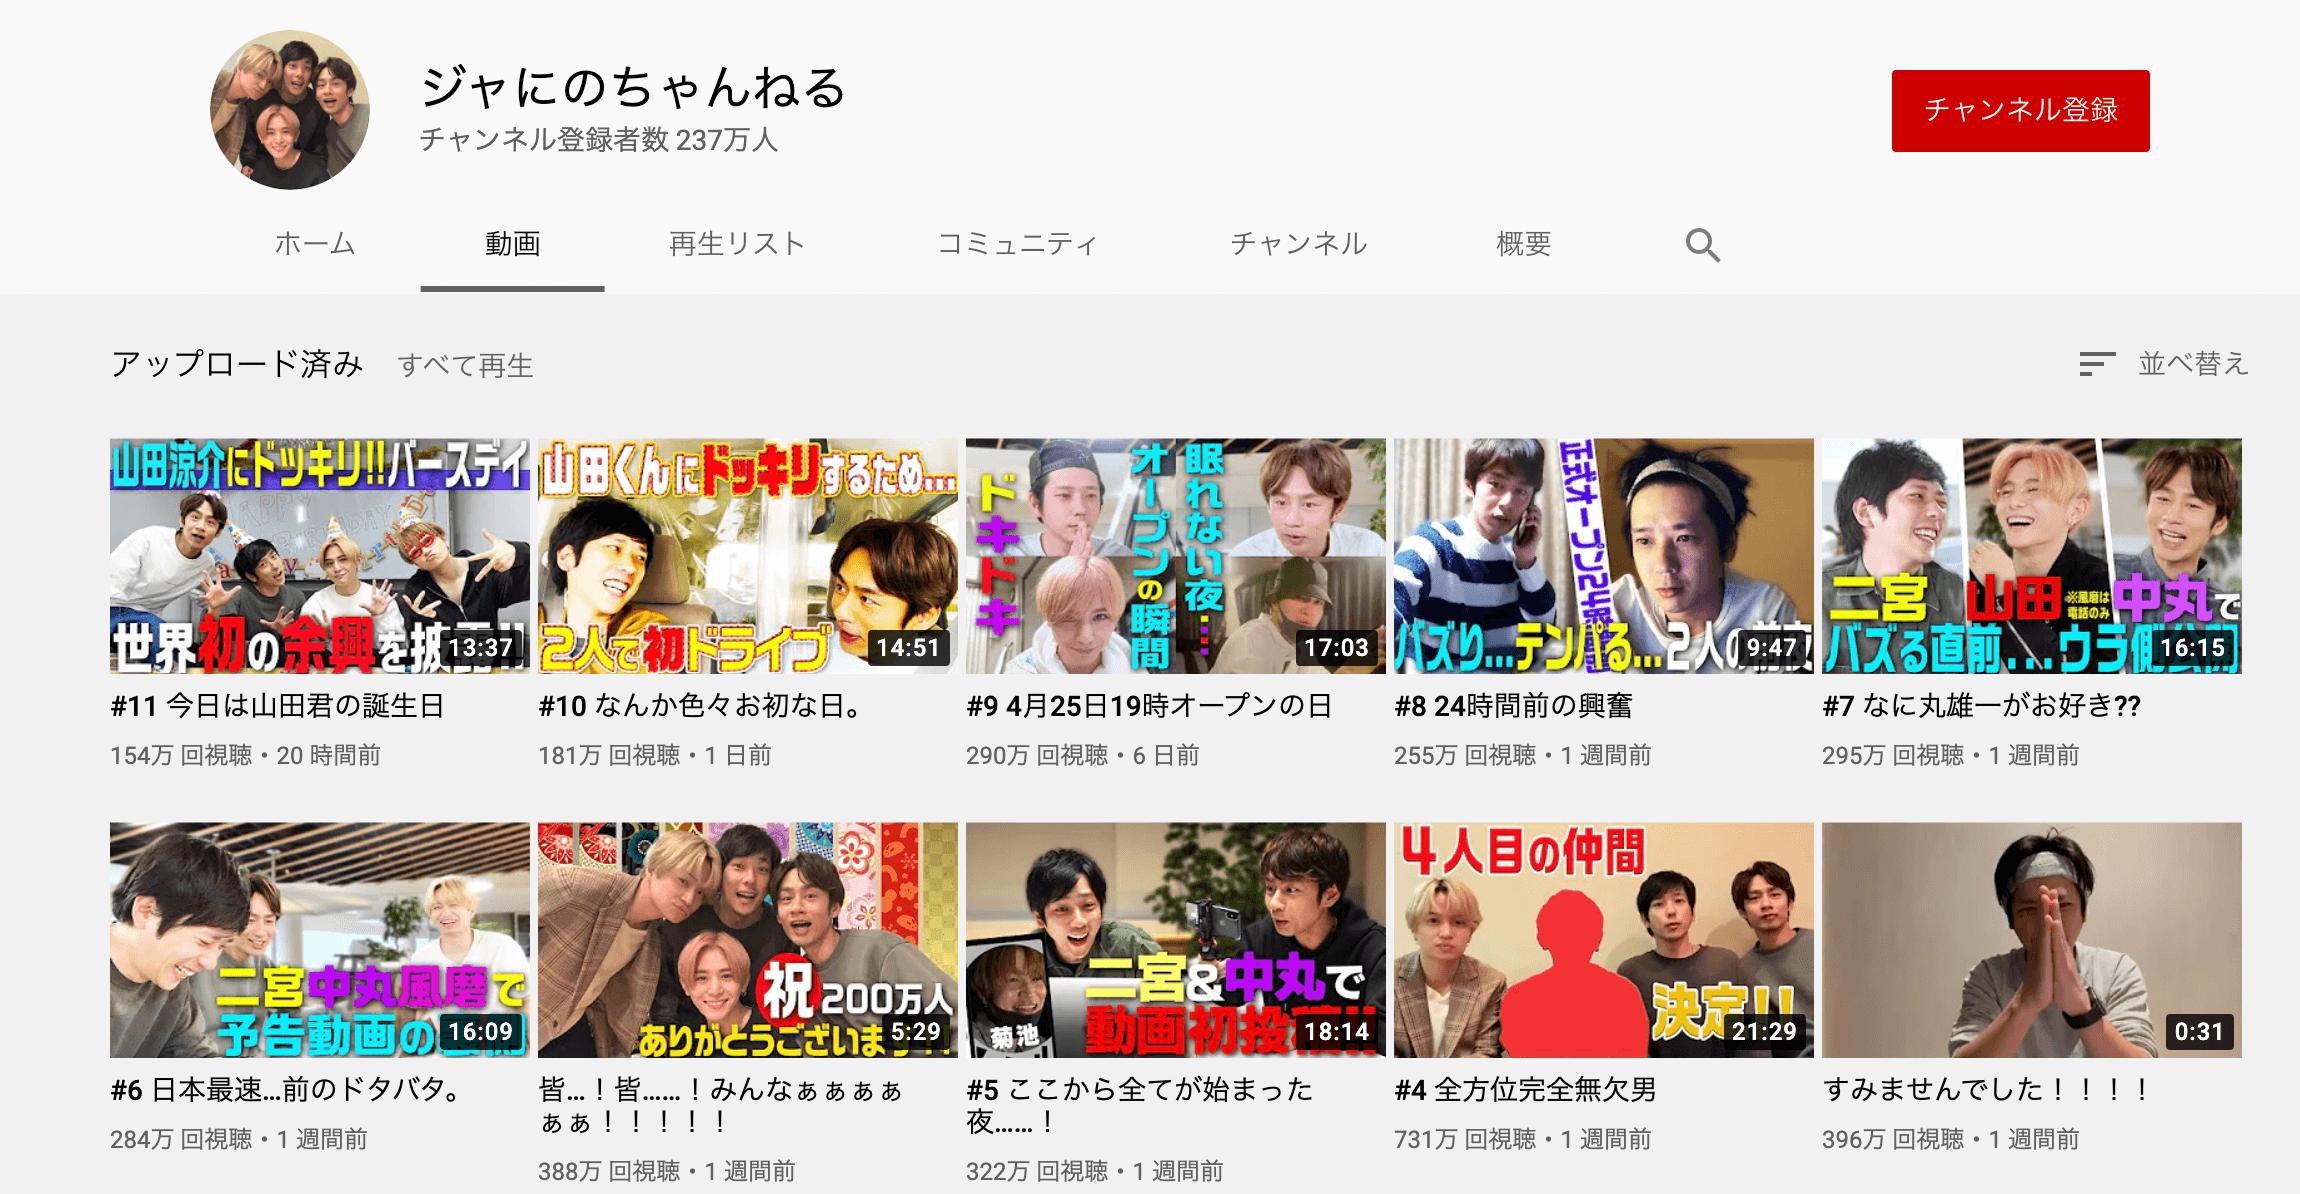 youtube_entertainer-ninomiya